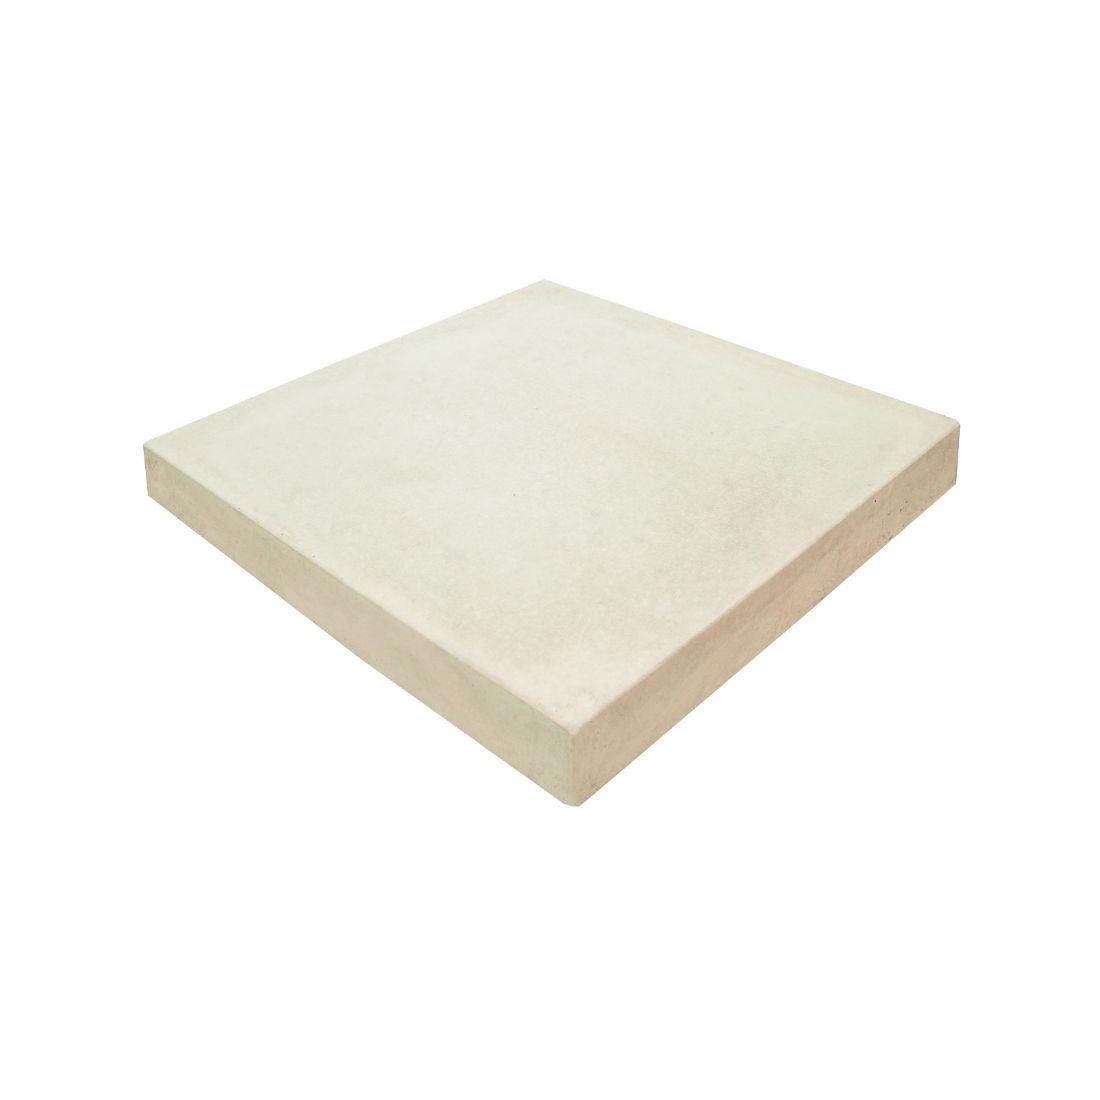 Milano Concrete Paver 450 x 450 x 37mm Sandstone #7